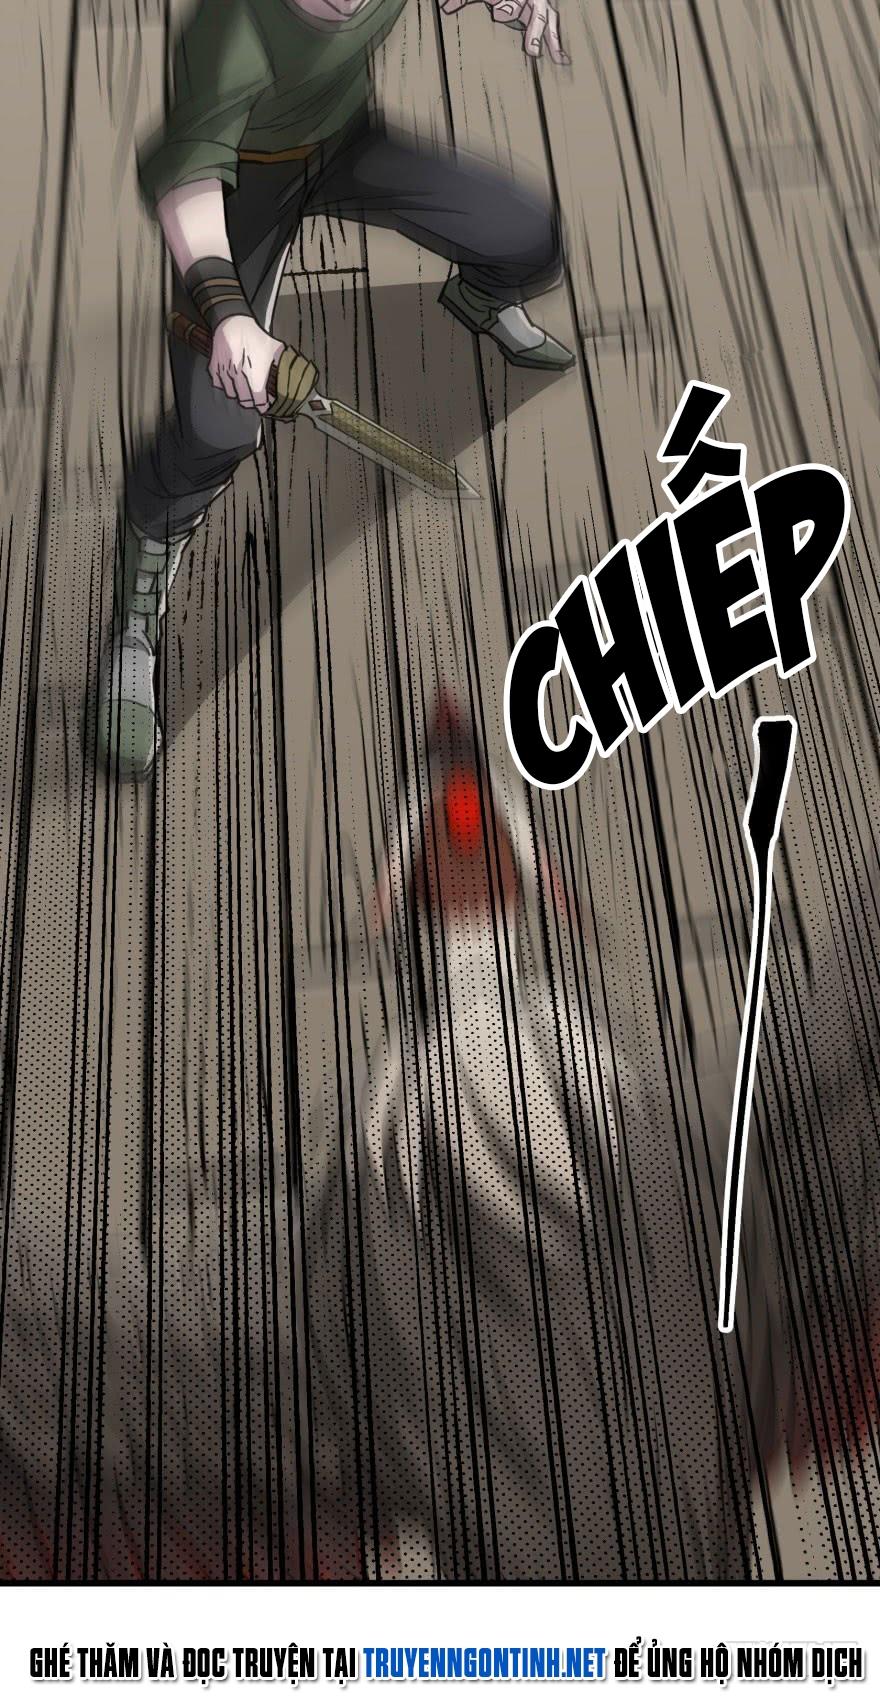 Thú Nhân Chapter 20 - upload bởi truyensieuhay.com